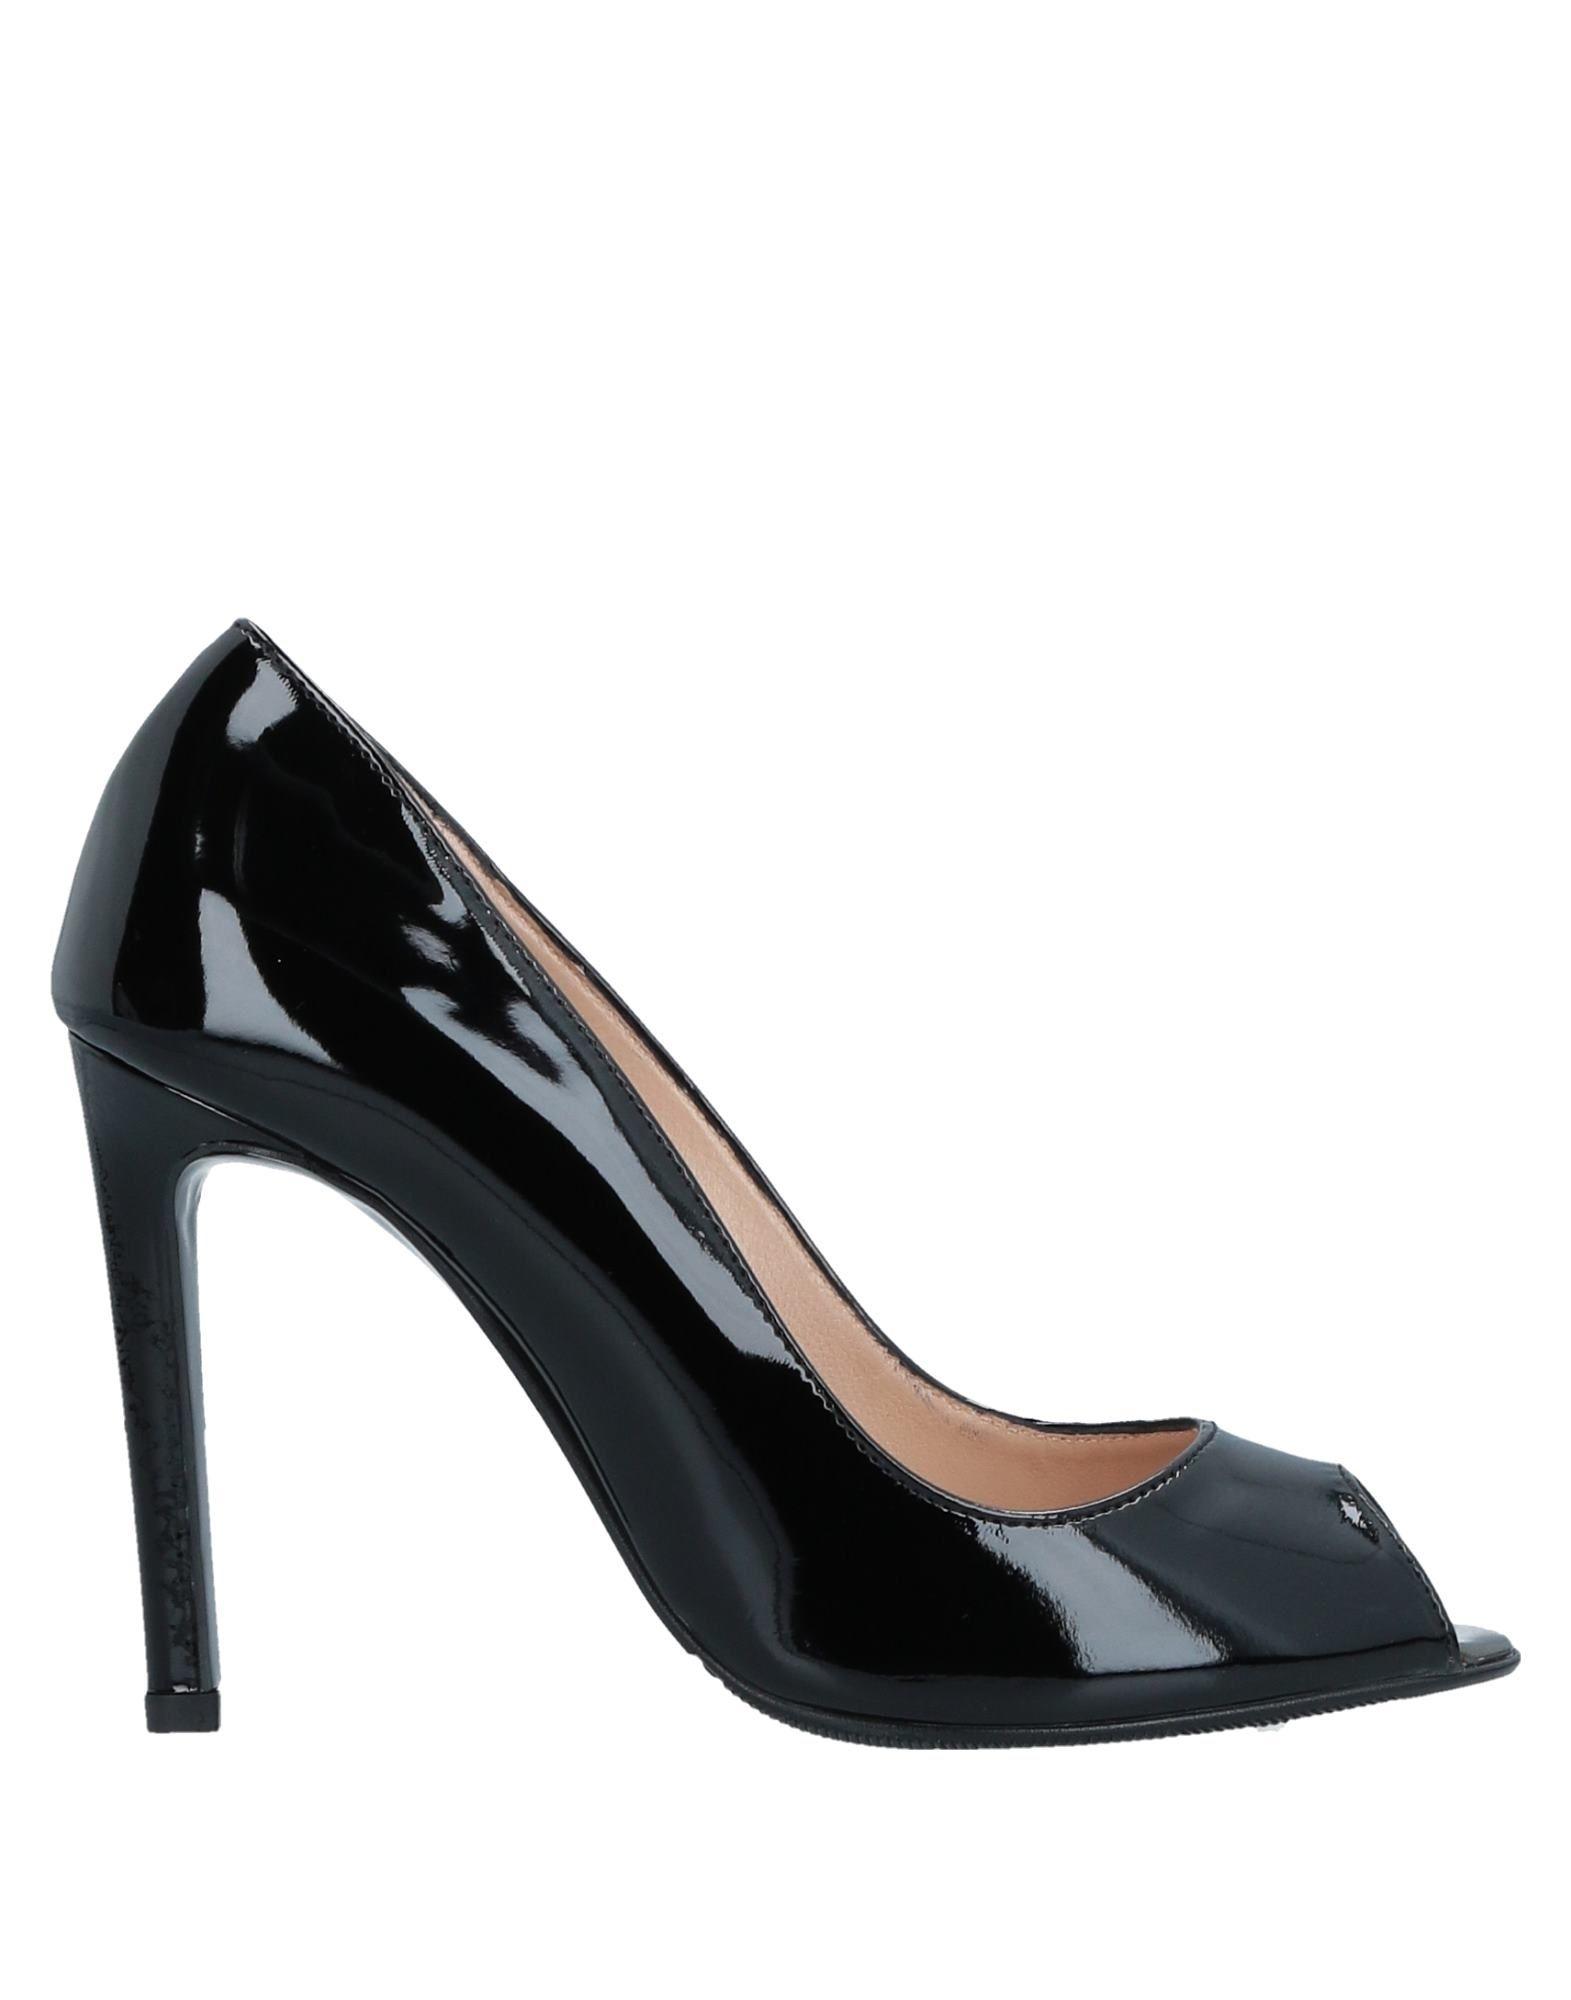 Los zapatos más populares para para populares hombres y mujeres Zapato De Salón F.Lli Bruglia Mujer - Salones F.Lli Bruglia  Negro 3e47c3